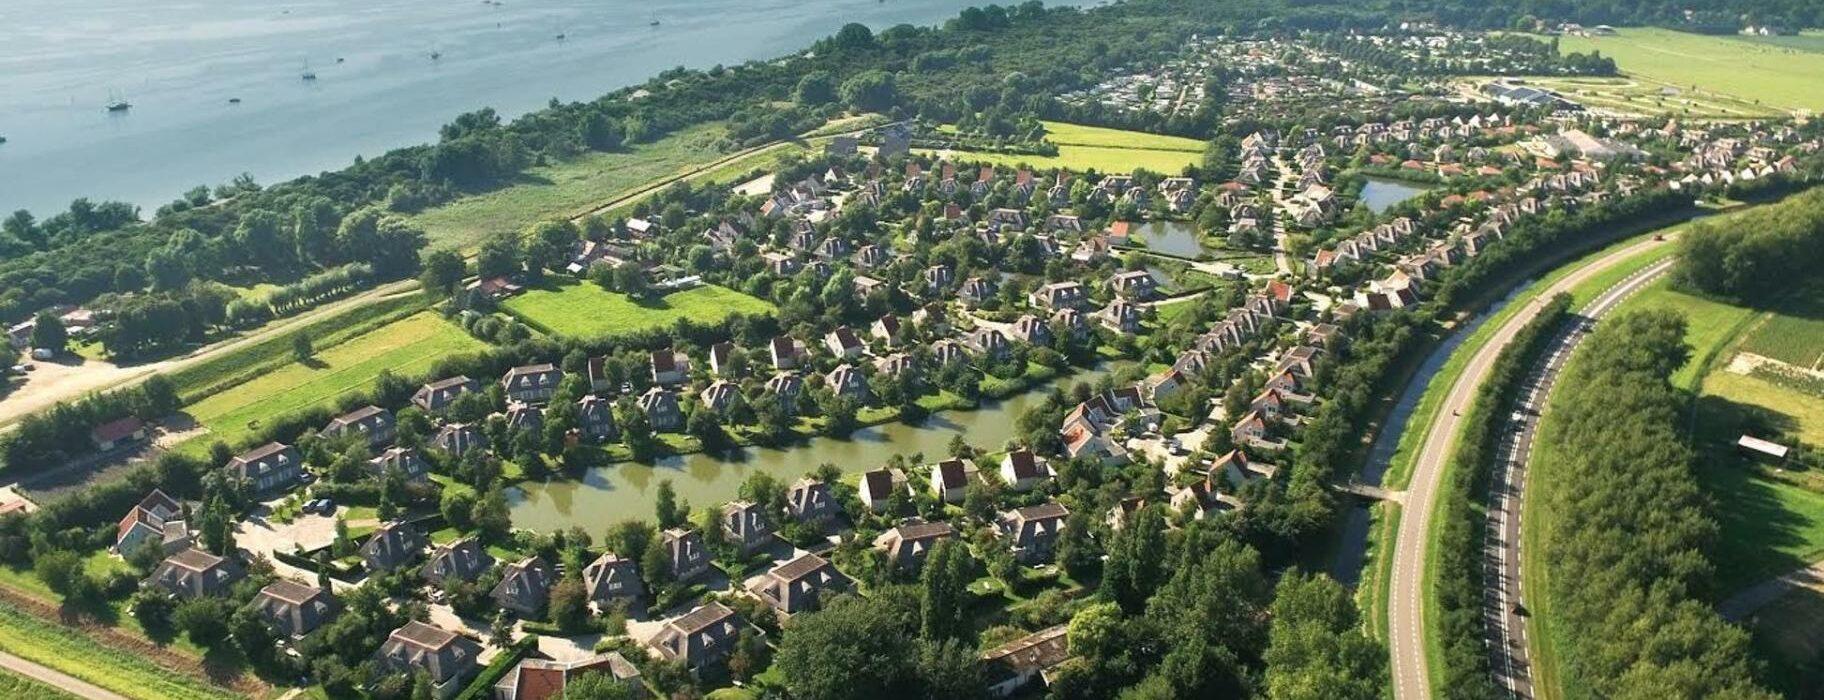 Drone foto van resort città romana met veel groen en water op de achtergrond